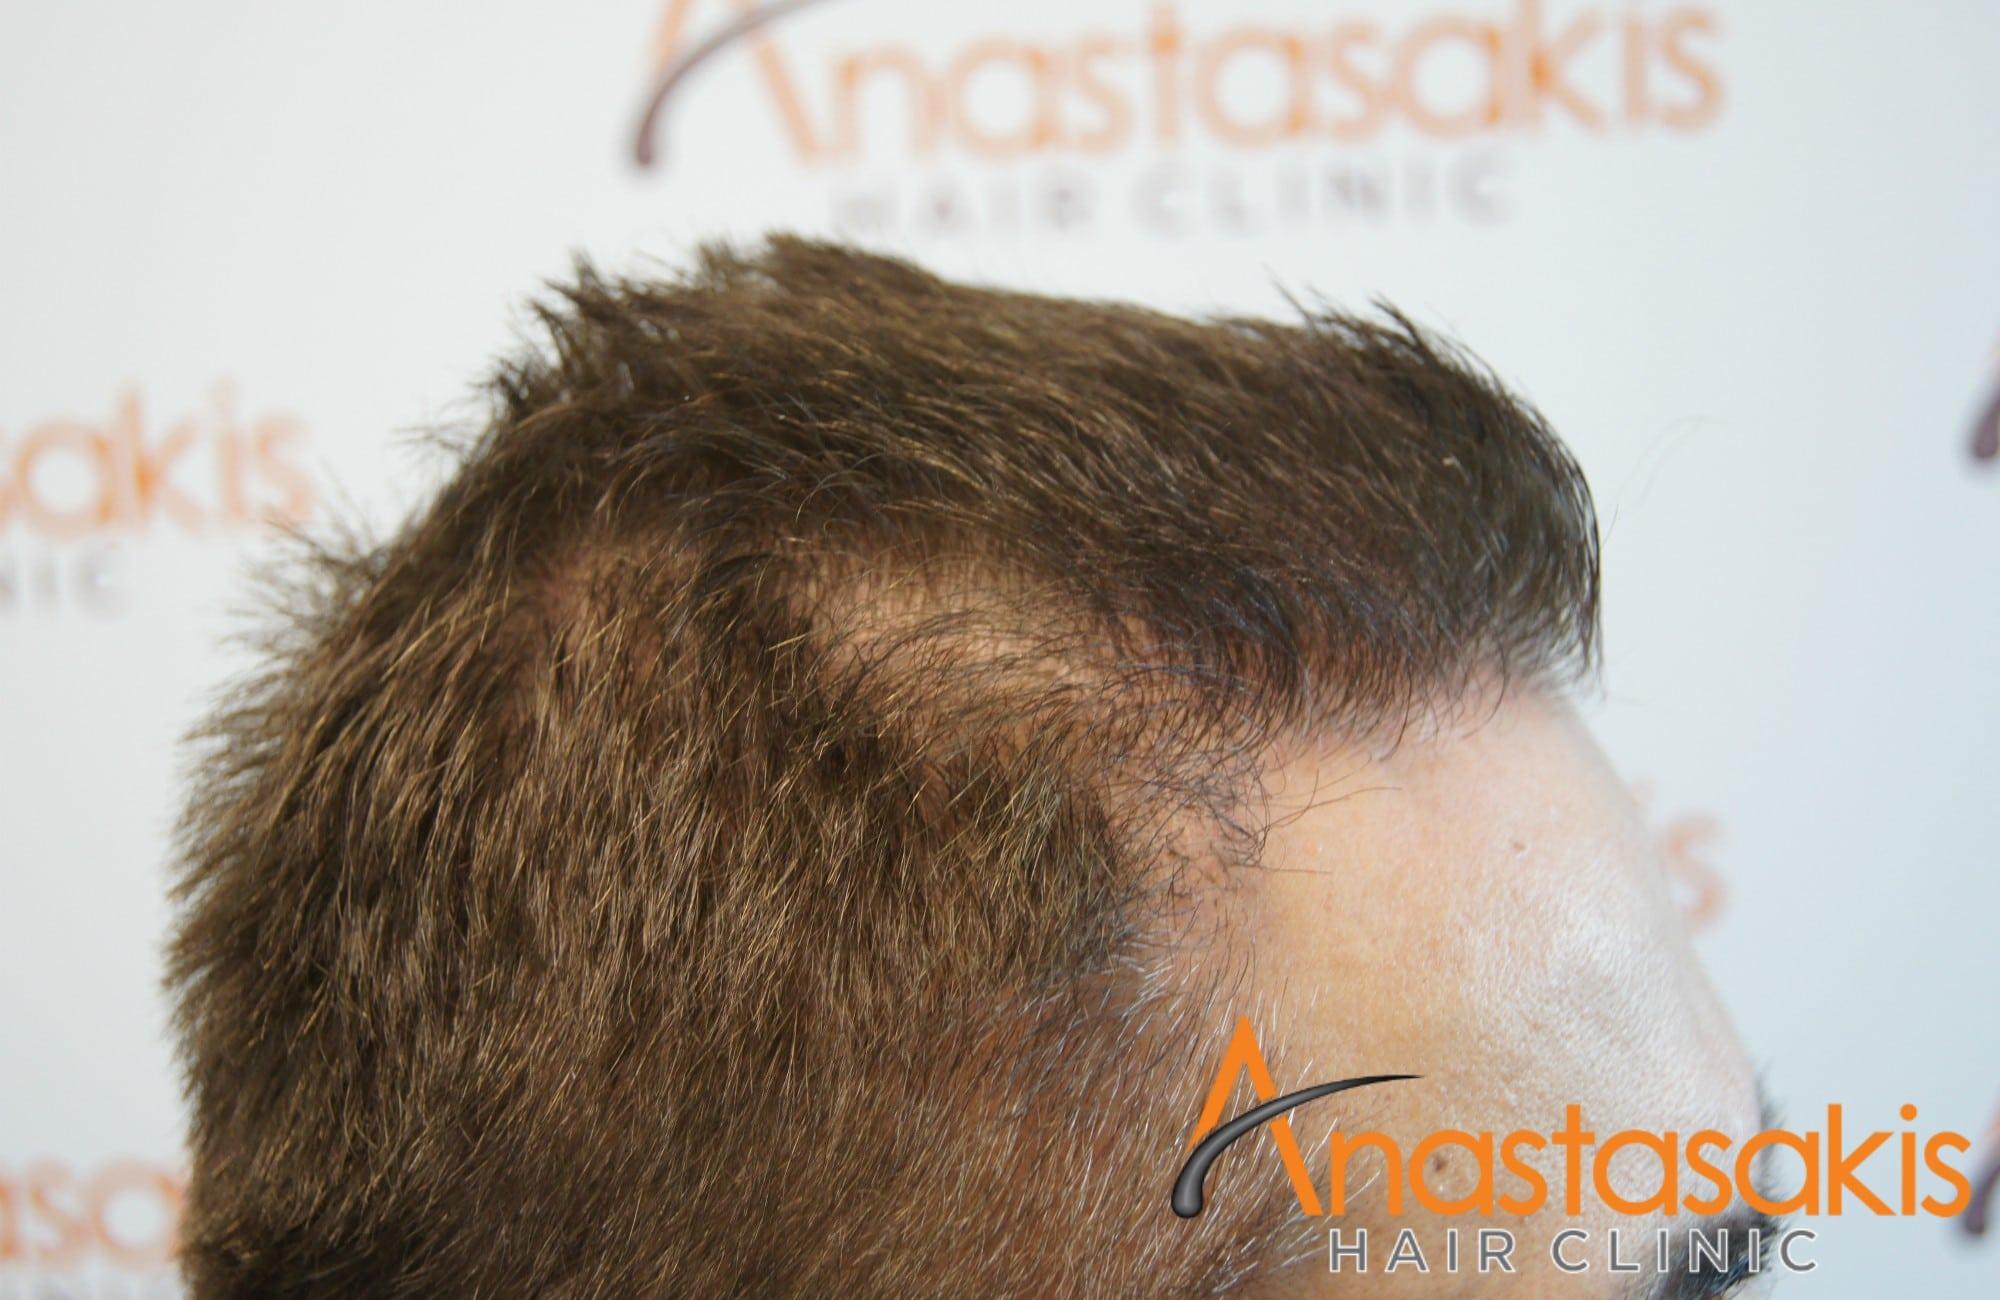 ασθενης μετα τη μεταμοσχευση μαλλιων με 1540fus αριστερο 1 προφιλ